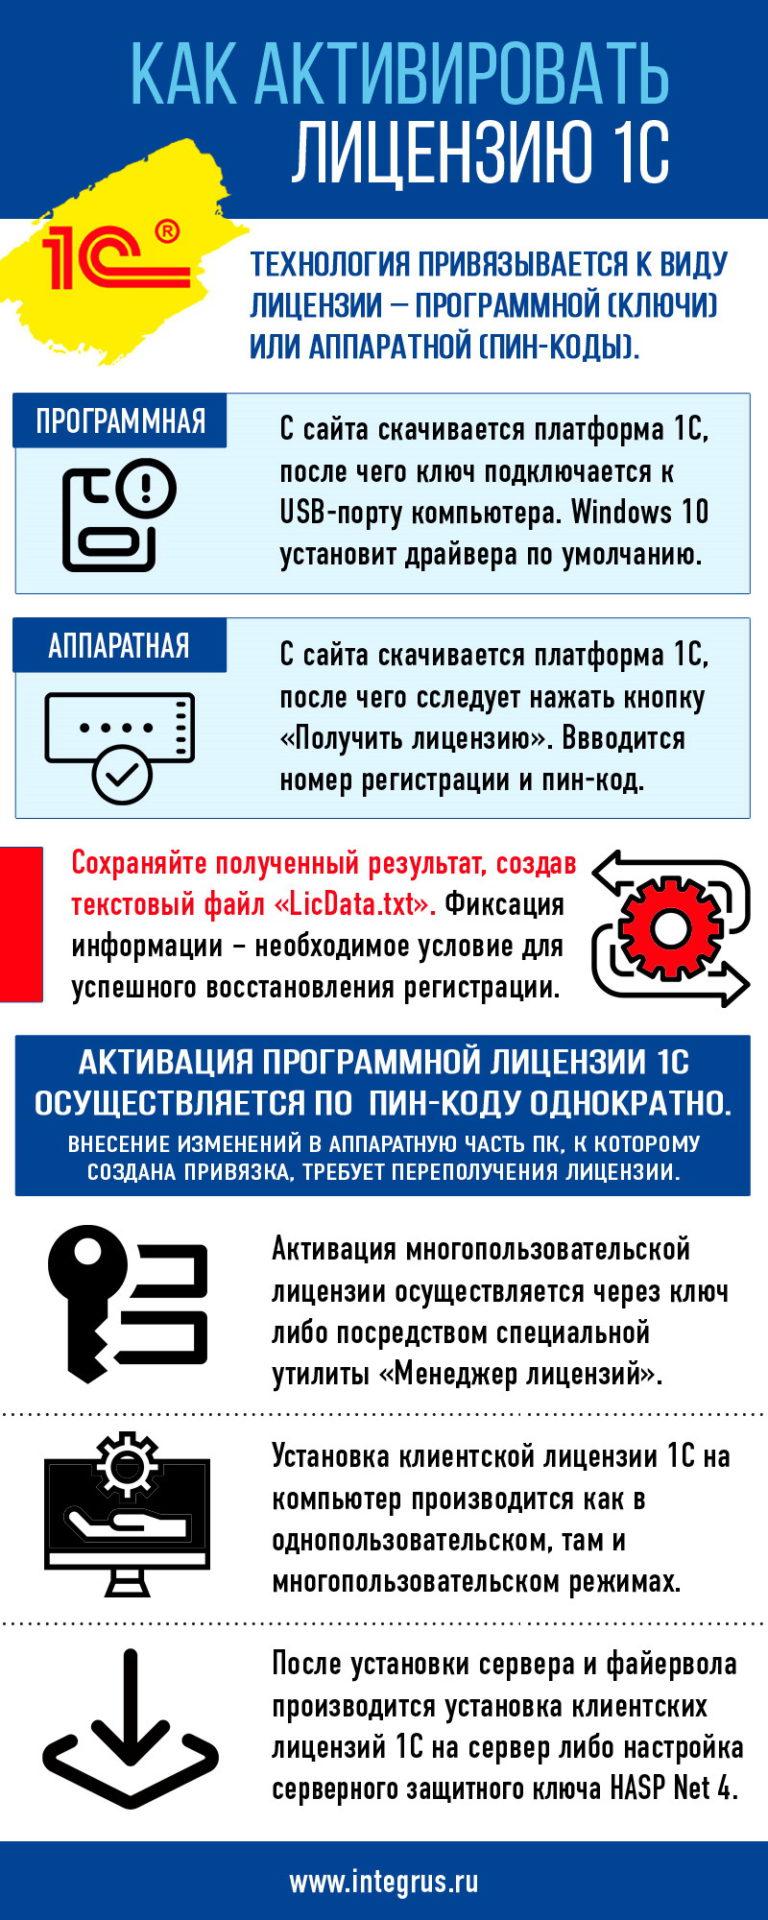 Активация лицензии 1С